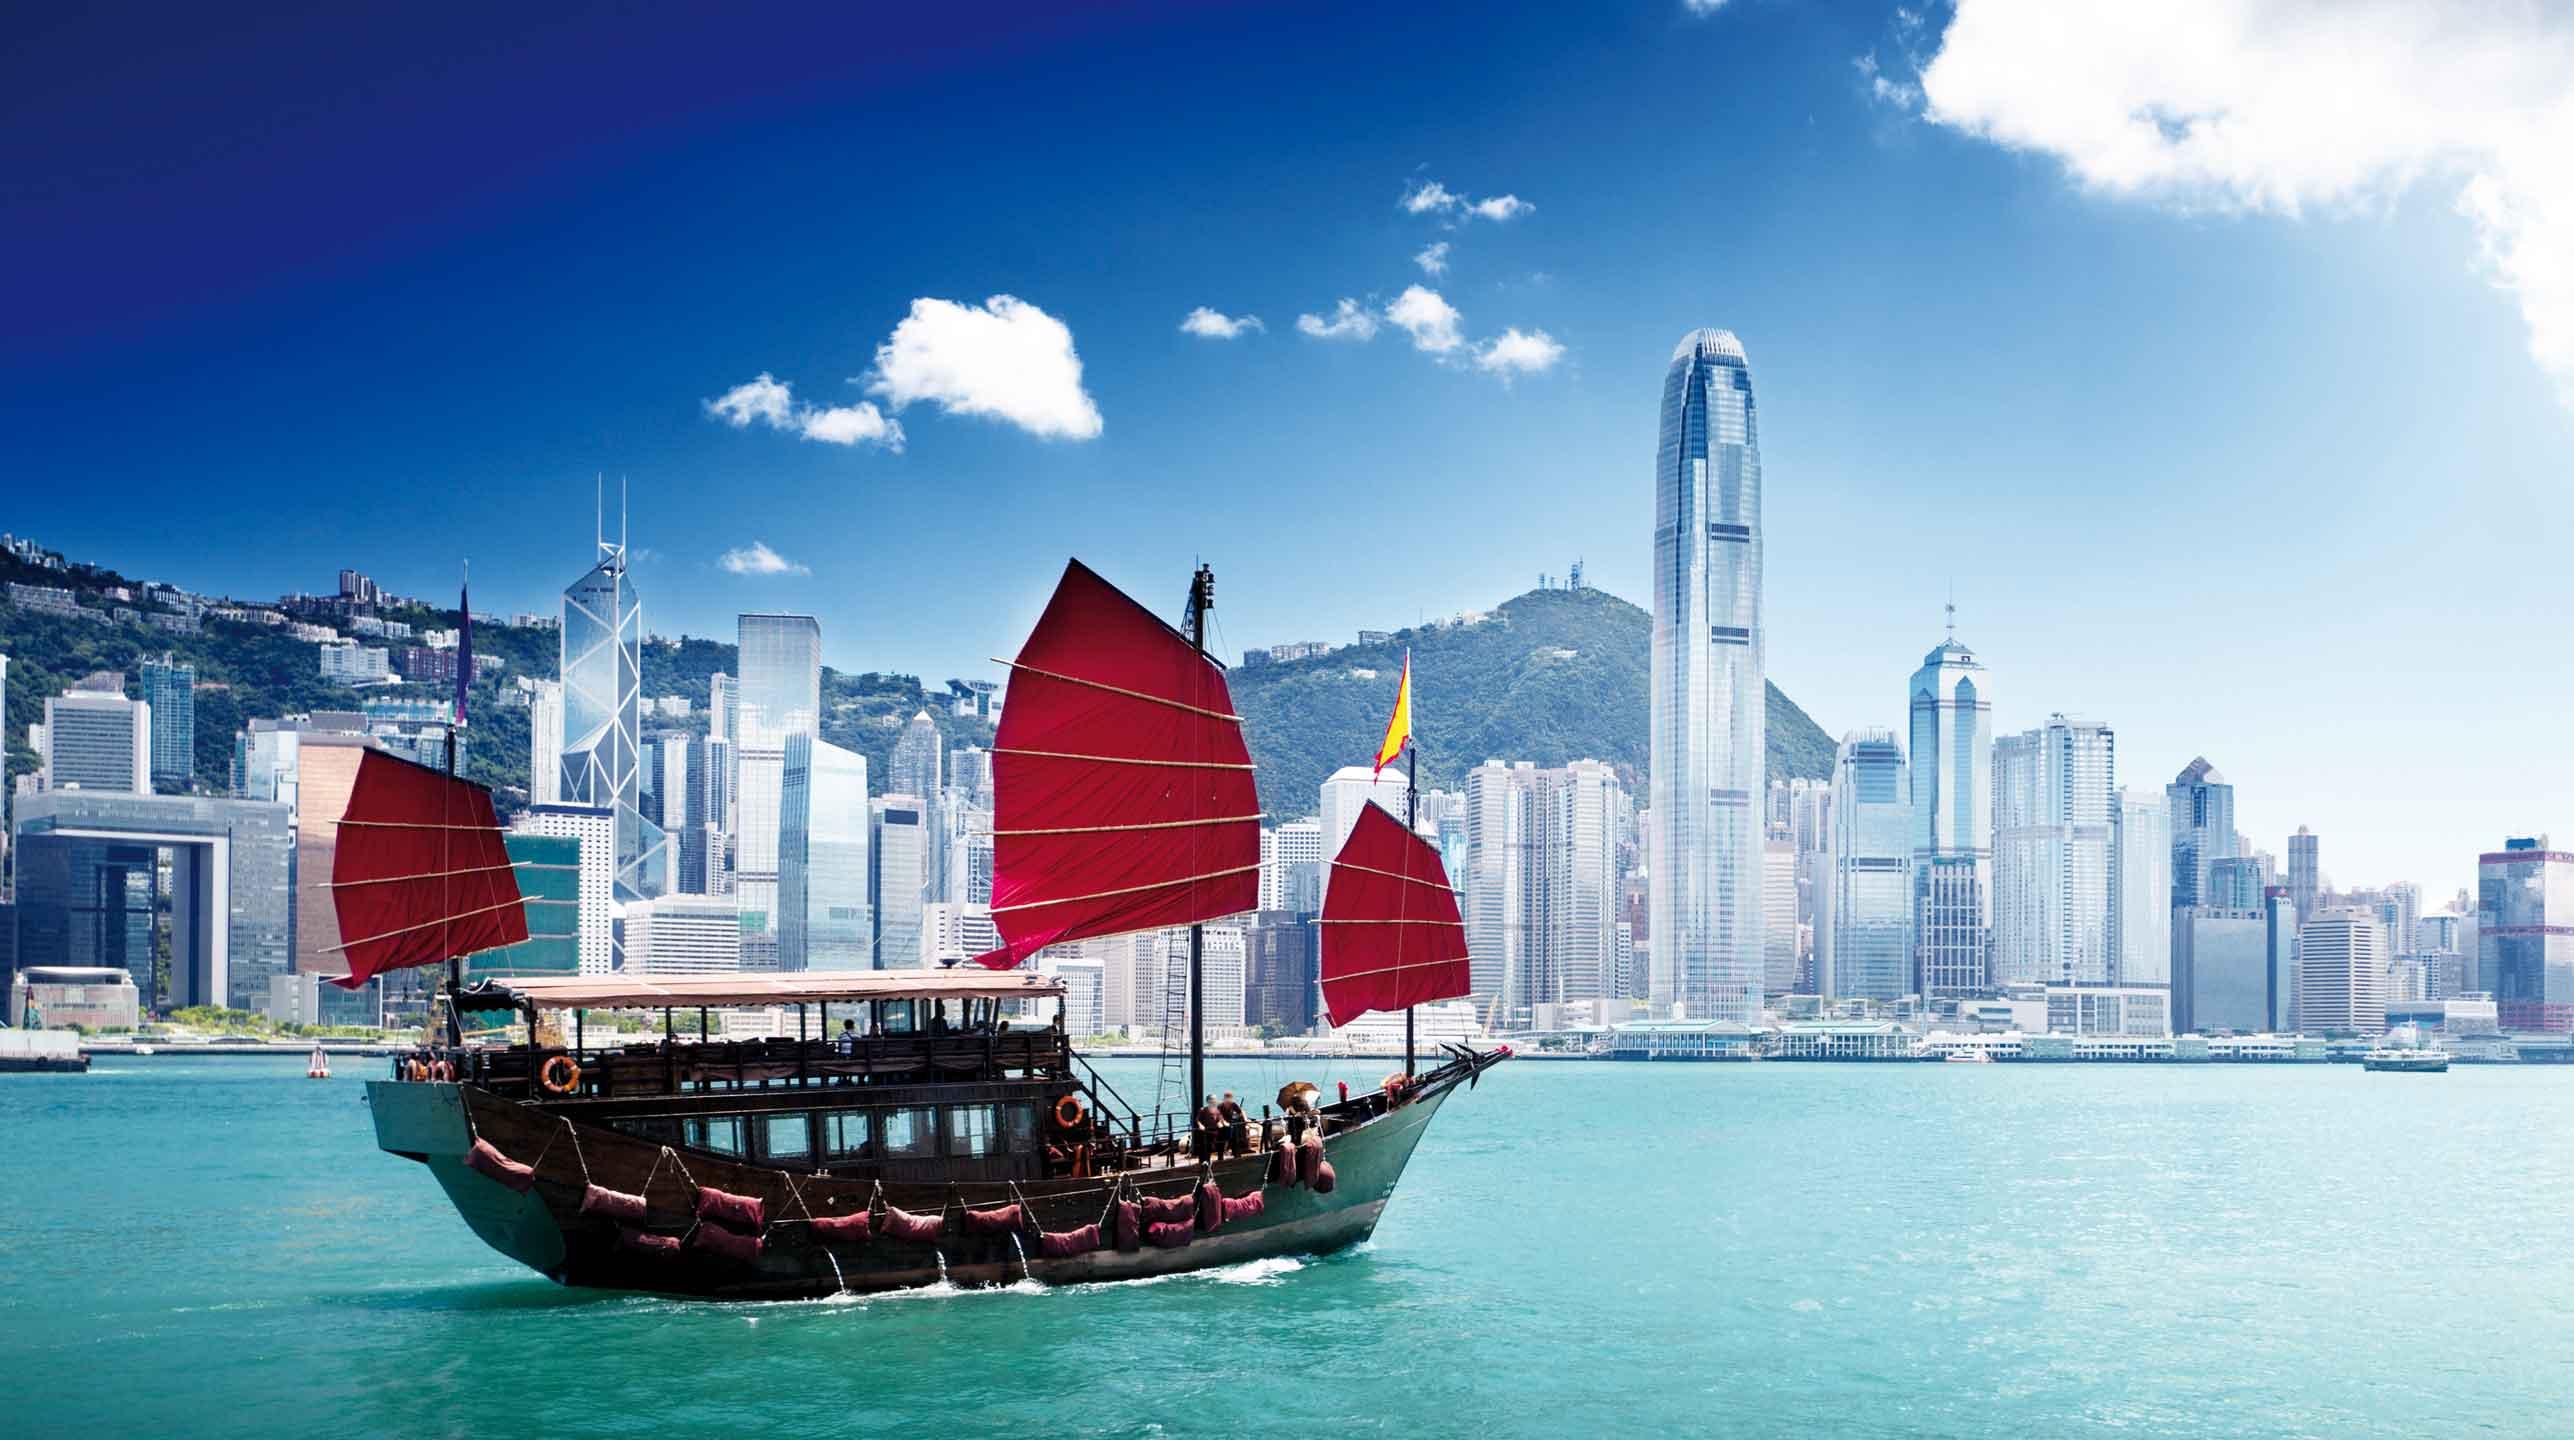 Chiny – Hongkong, miasta Dalekiego Wschodu (1)